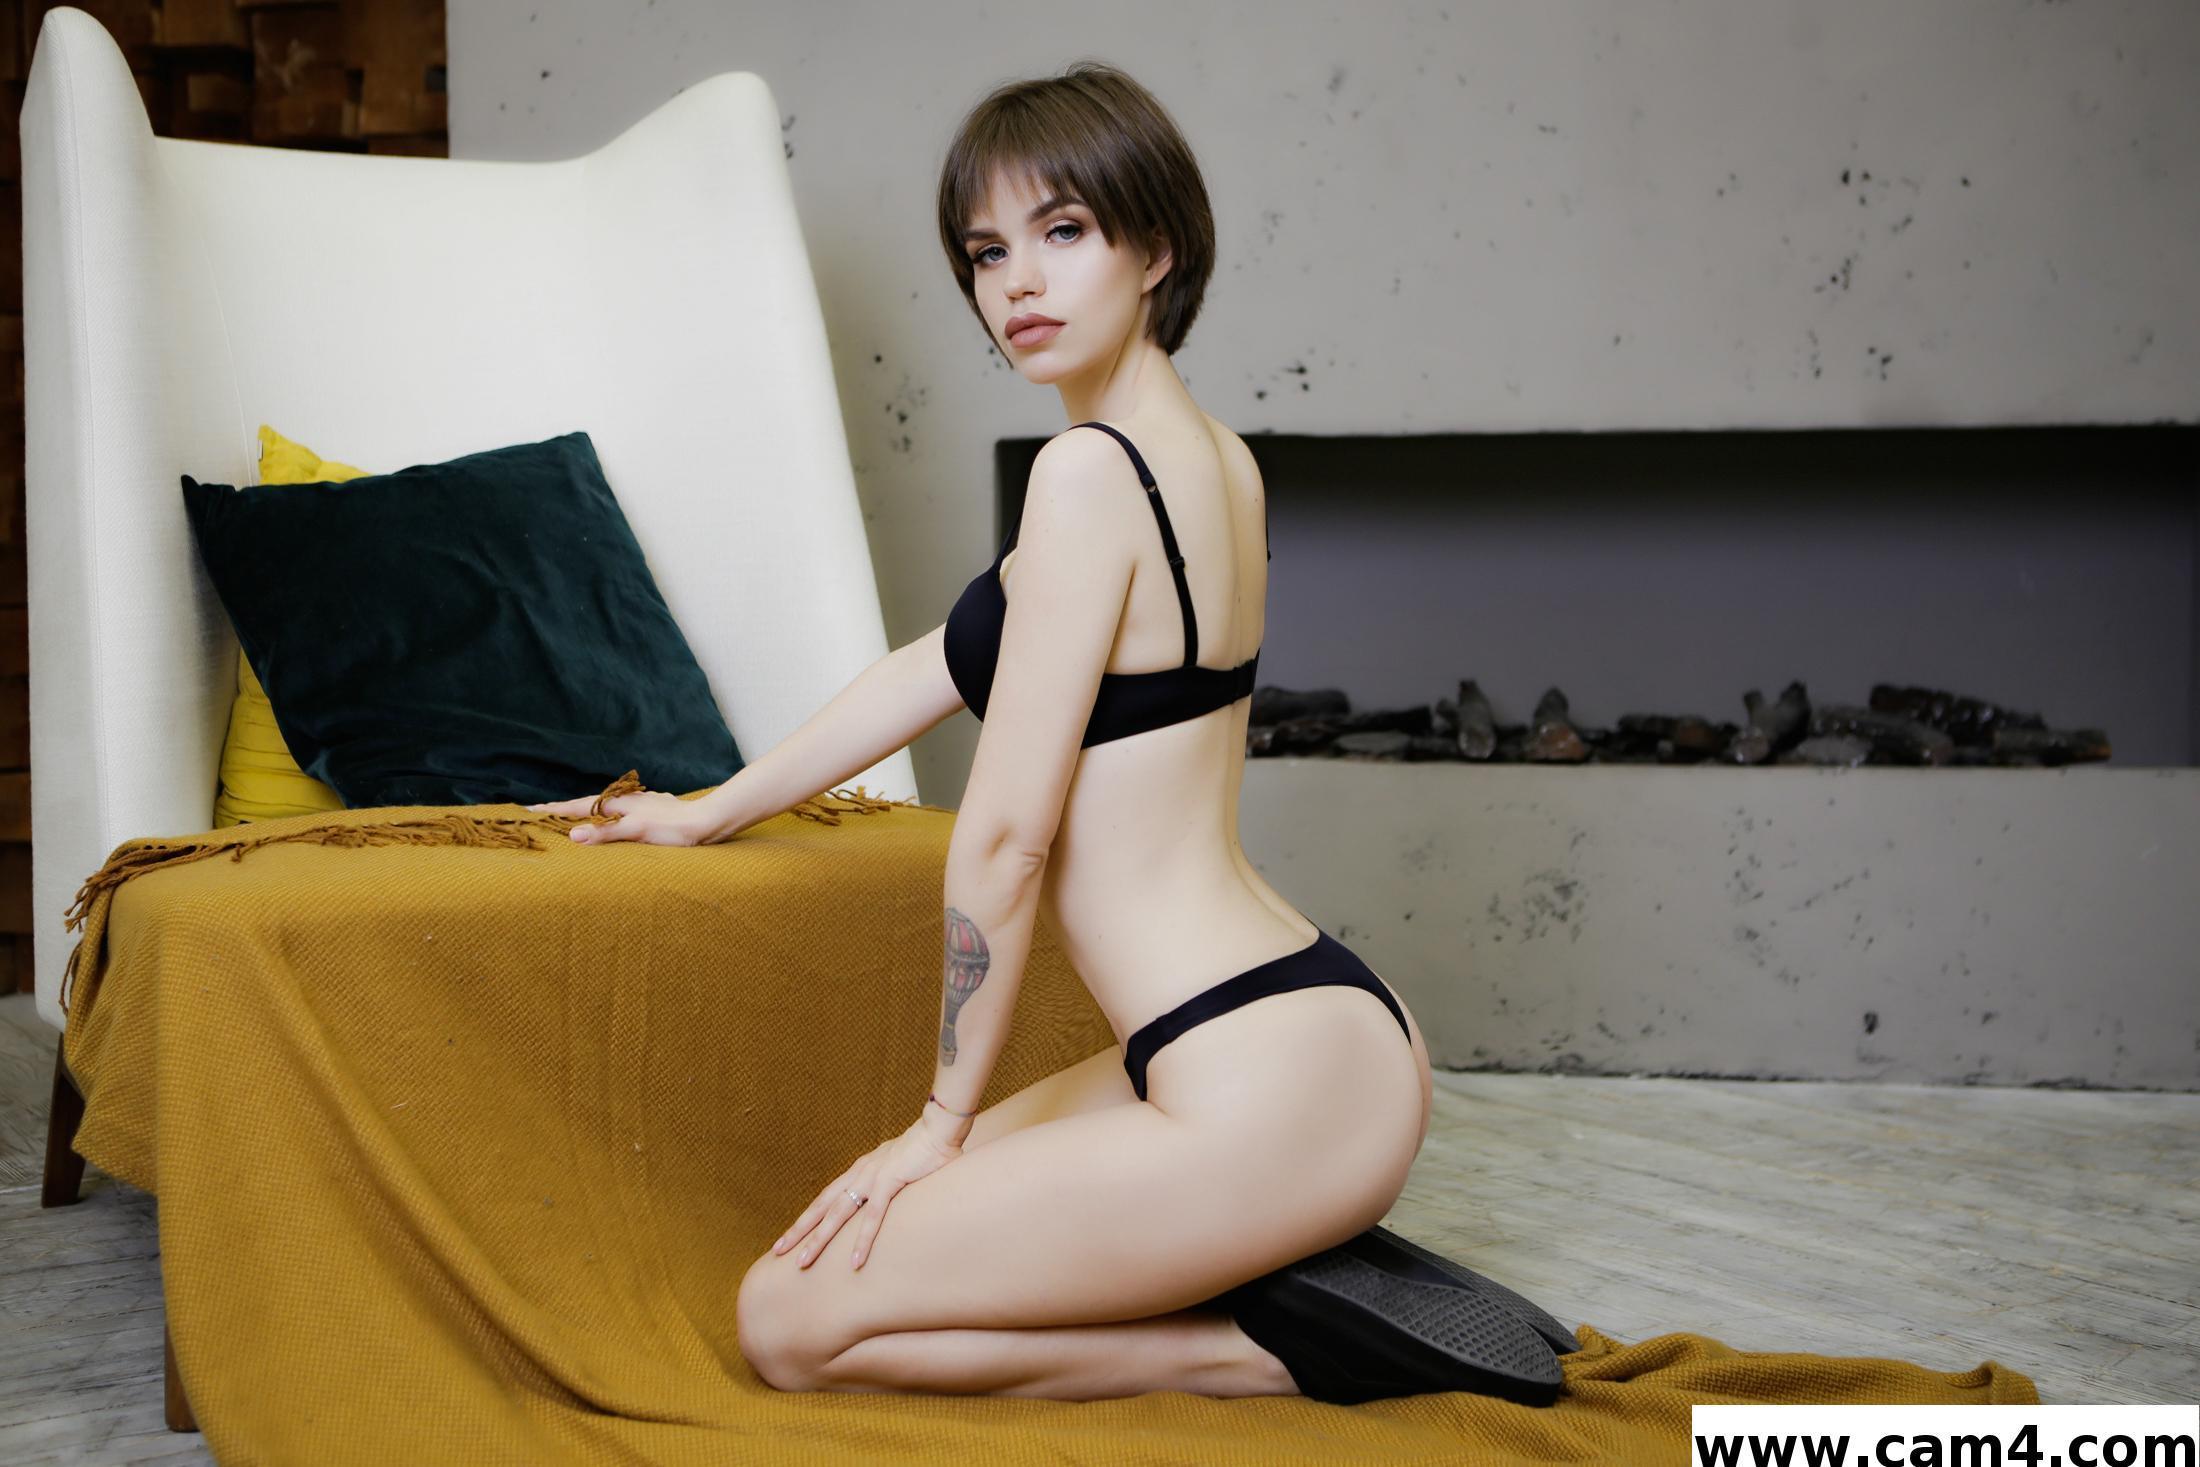 AmberFantasy photo 13695717